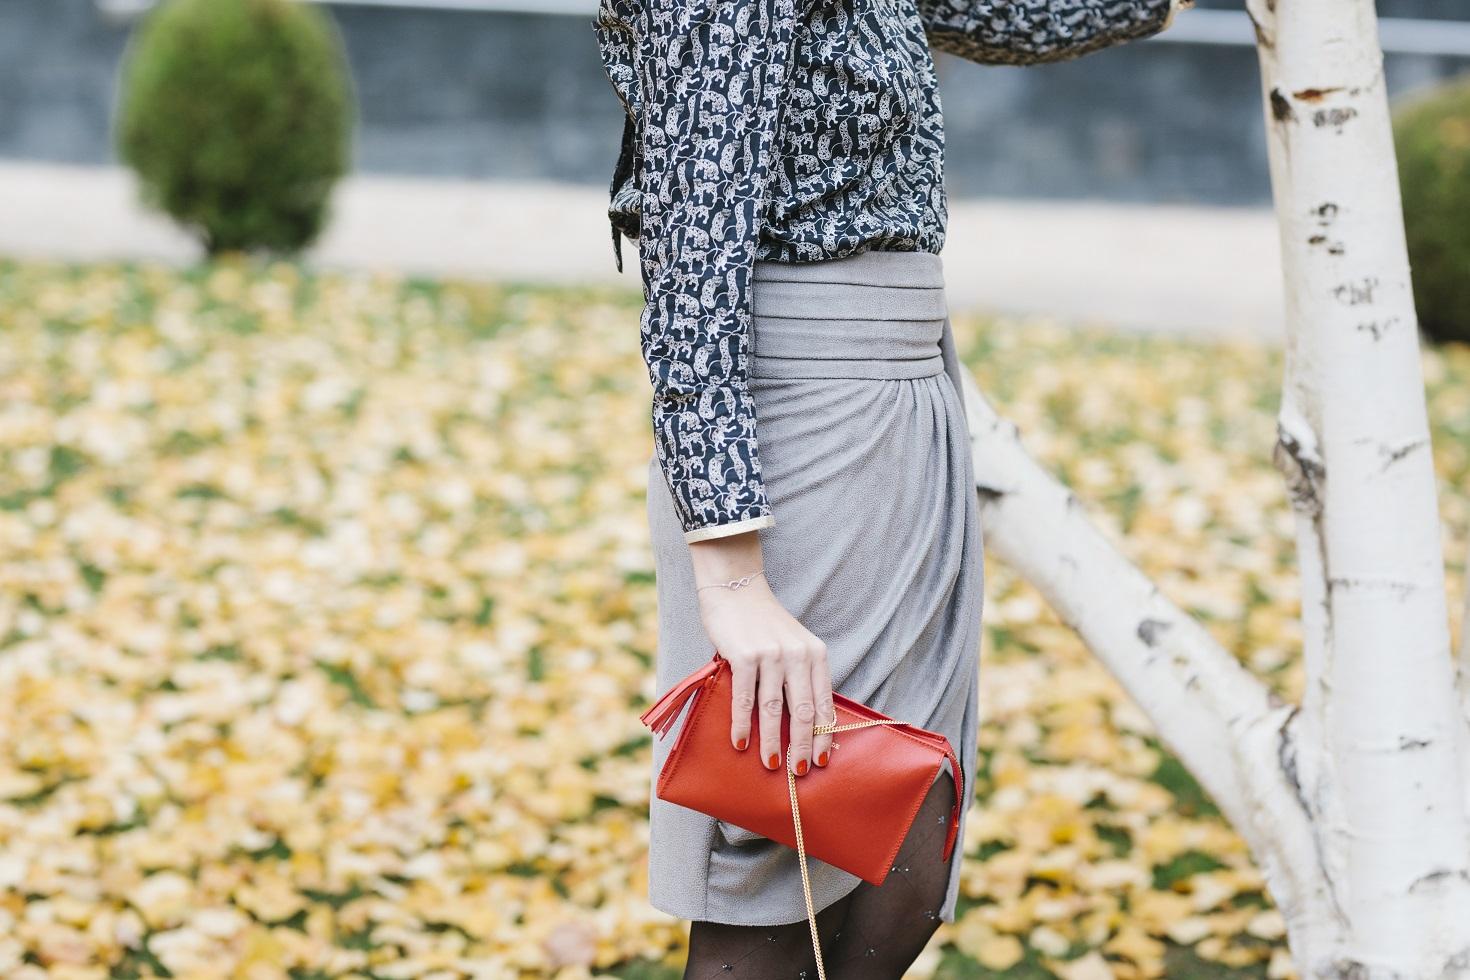 Falda, camisa y stilettos para un estilo working femenino